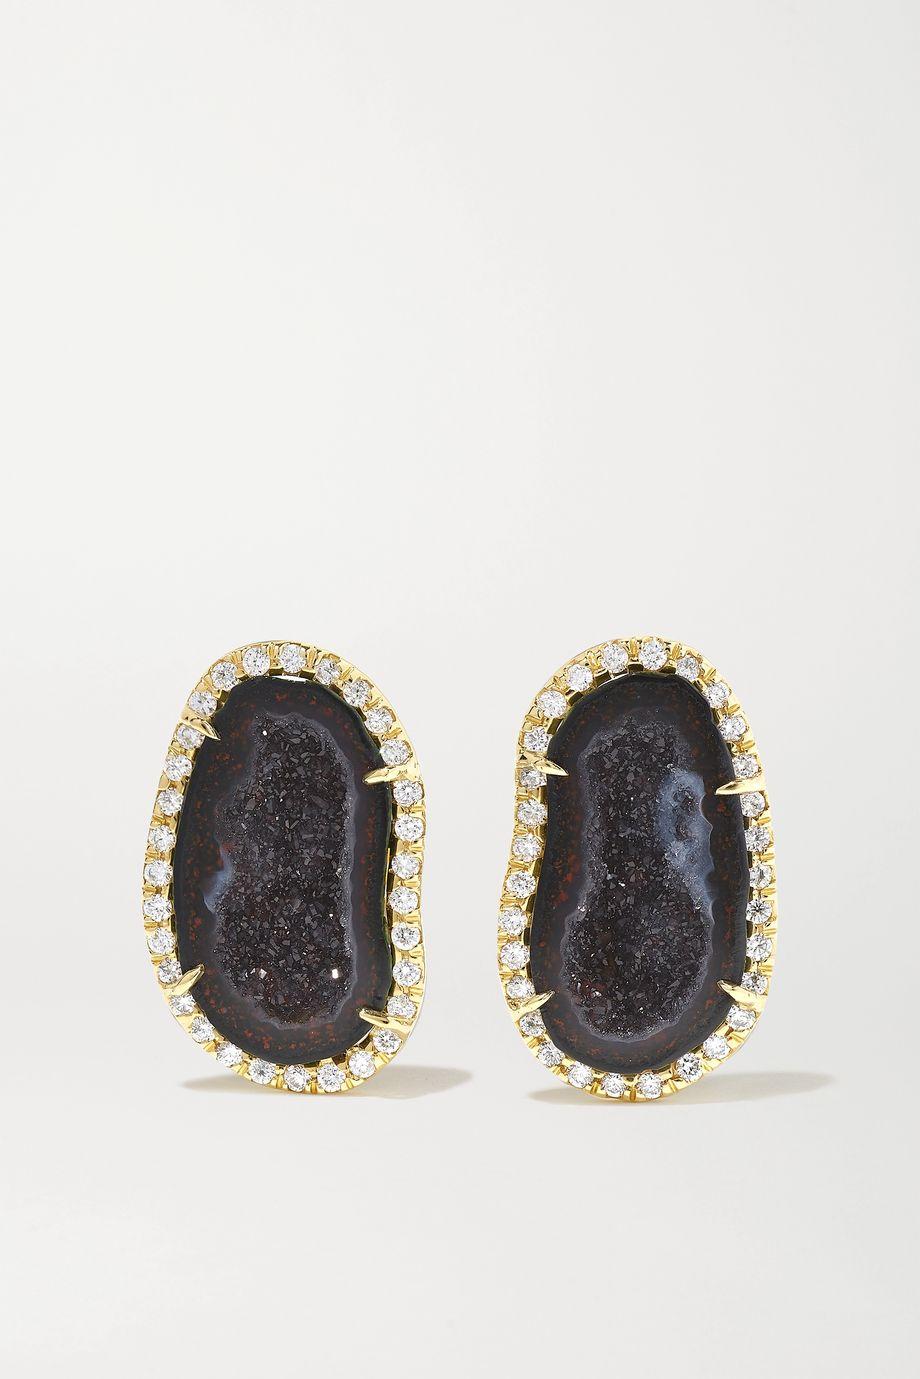 Kimberly McDonald Ohrringe aus 18Karat Gold mit Geoden und Diamanten